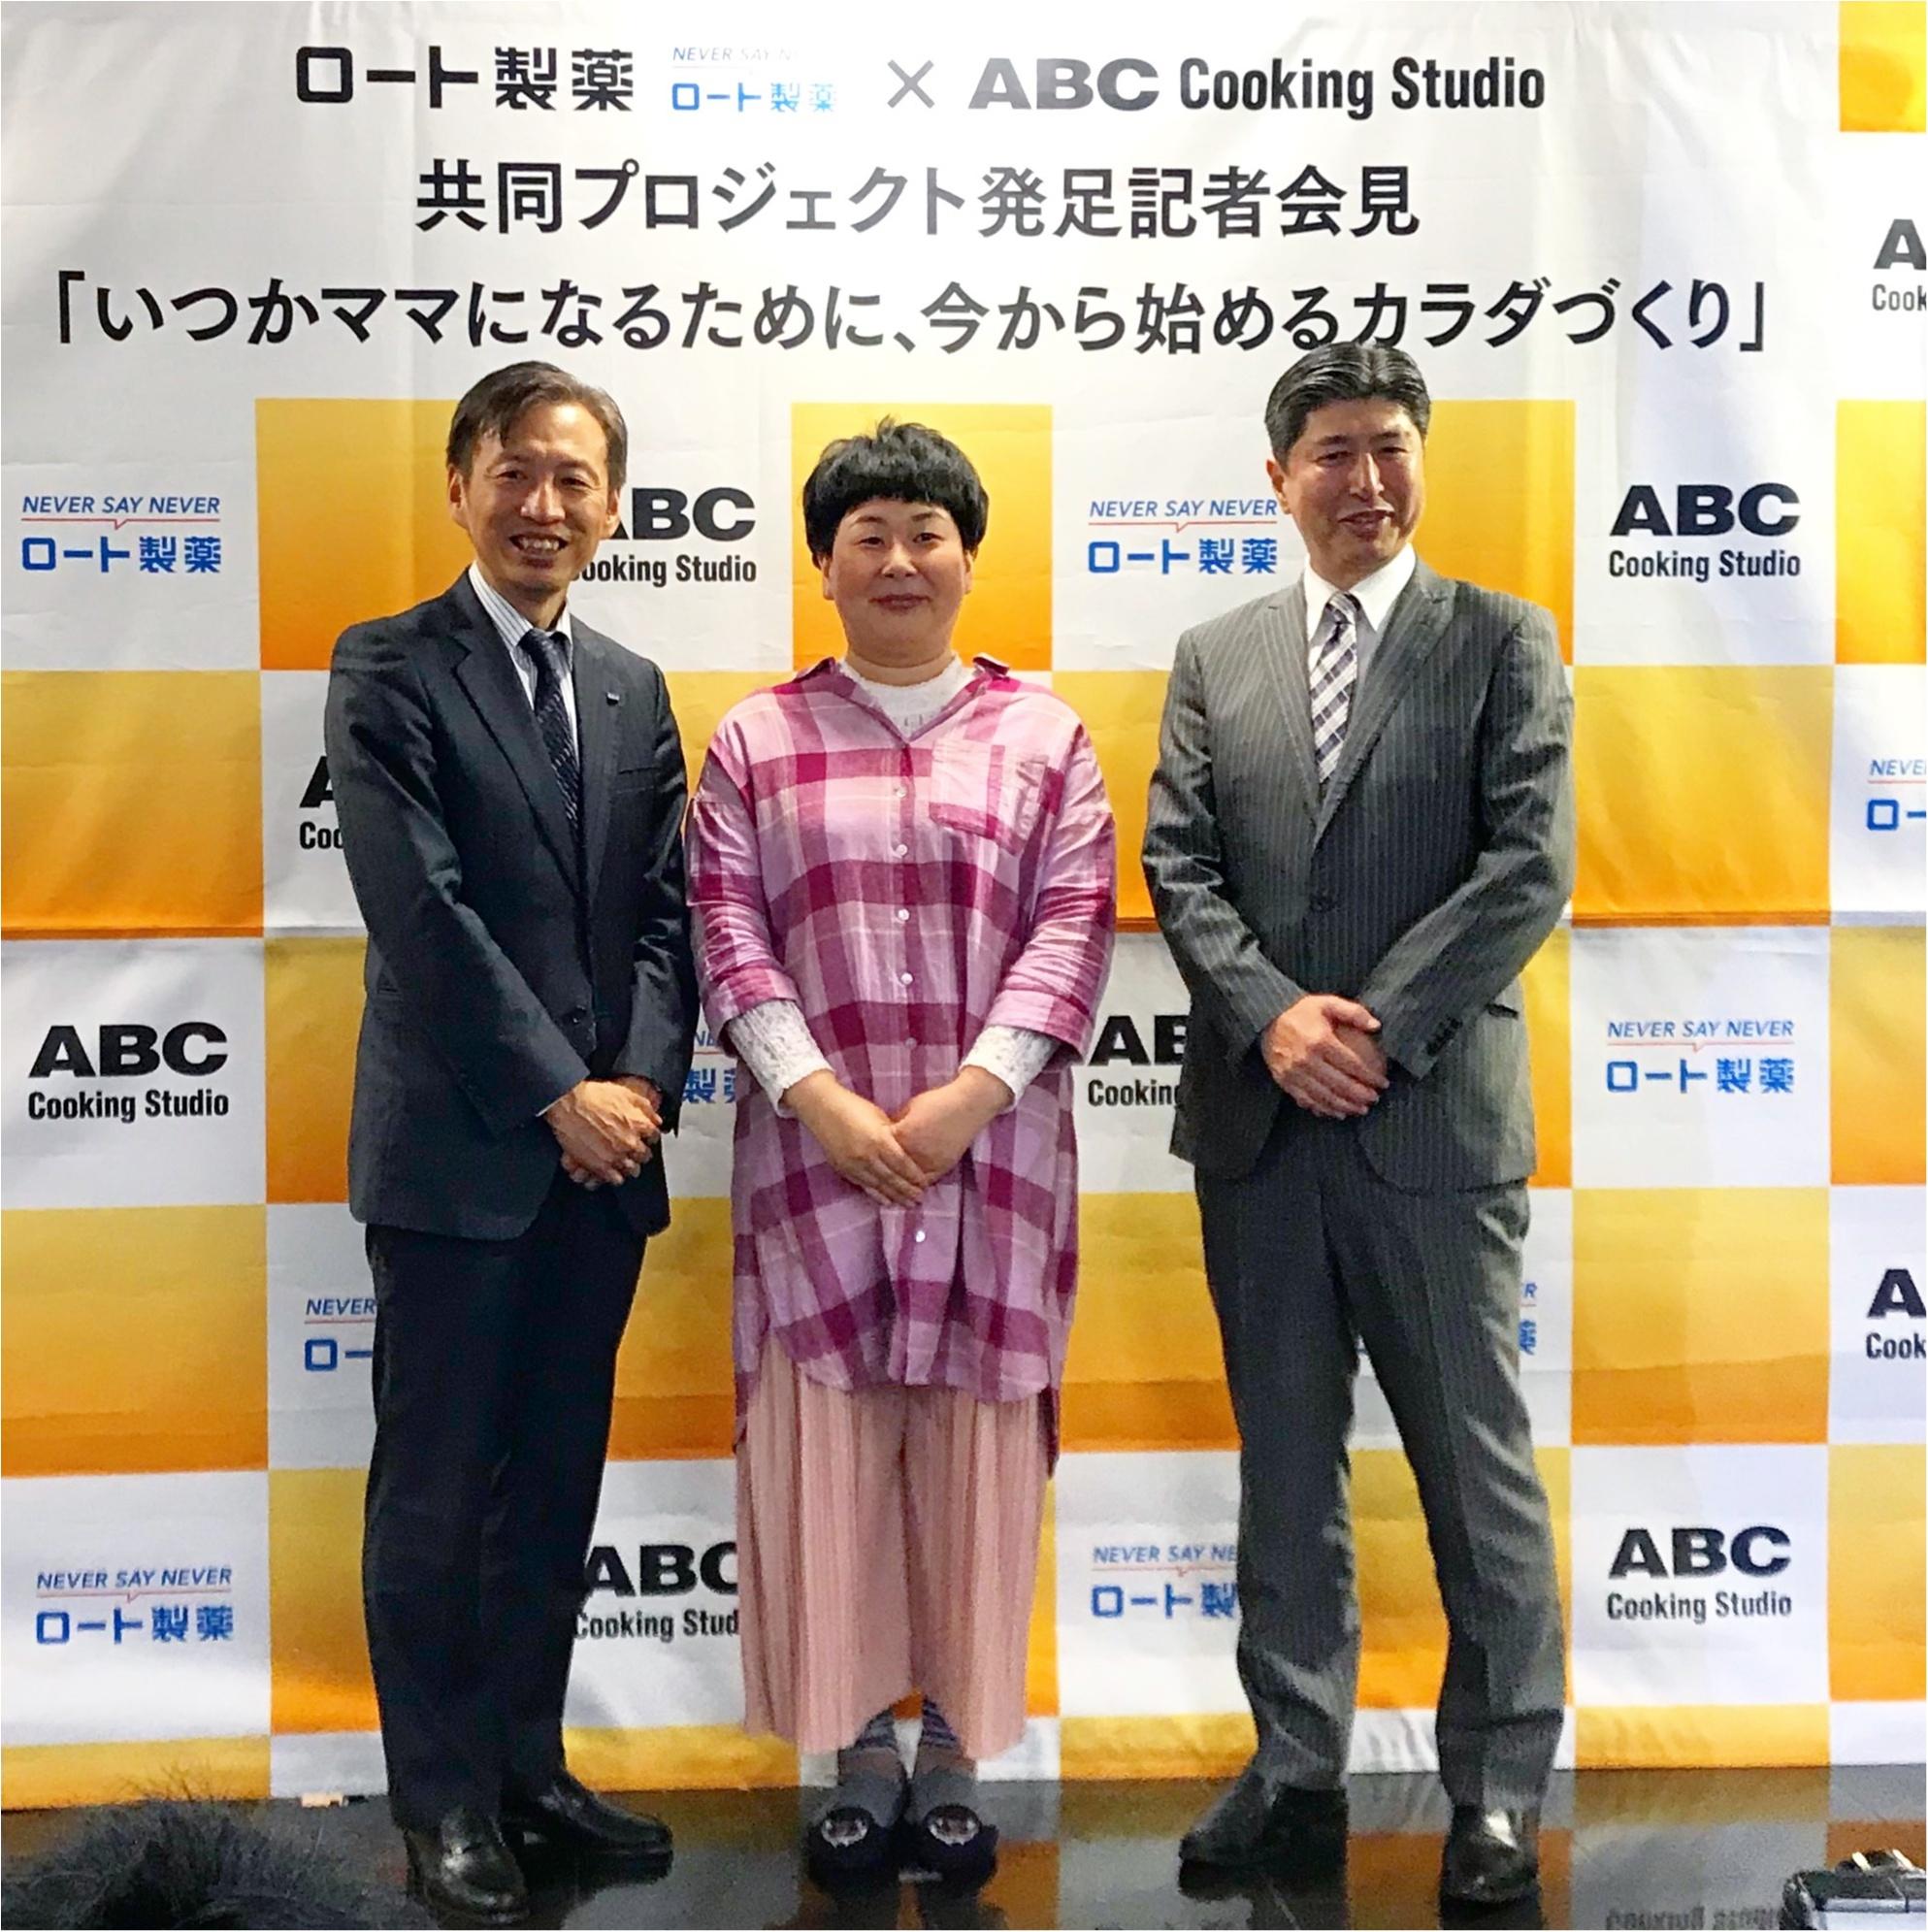 大島美幸さんが応援! いつかママになりたい女子のための『ロート製薬』×『ABCクッキングスタジオ』異色コラボセミナー_1